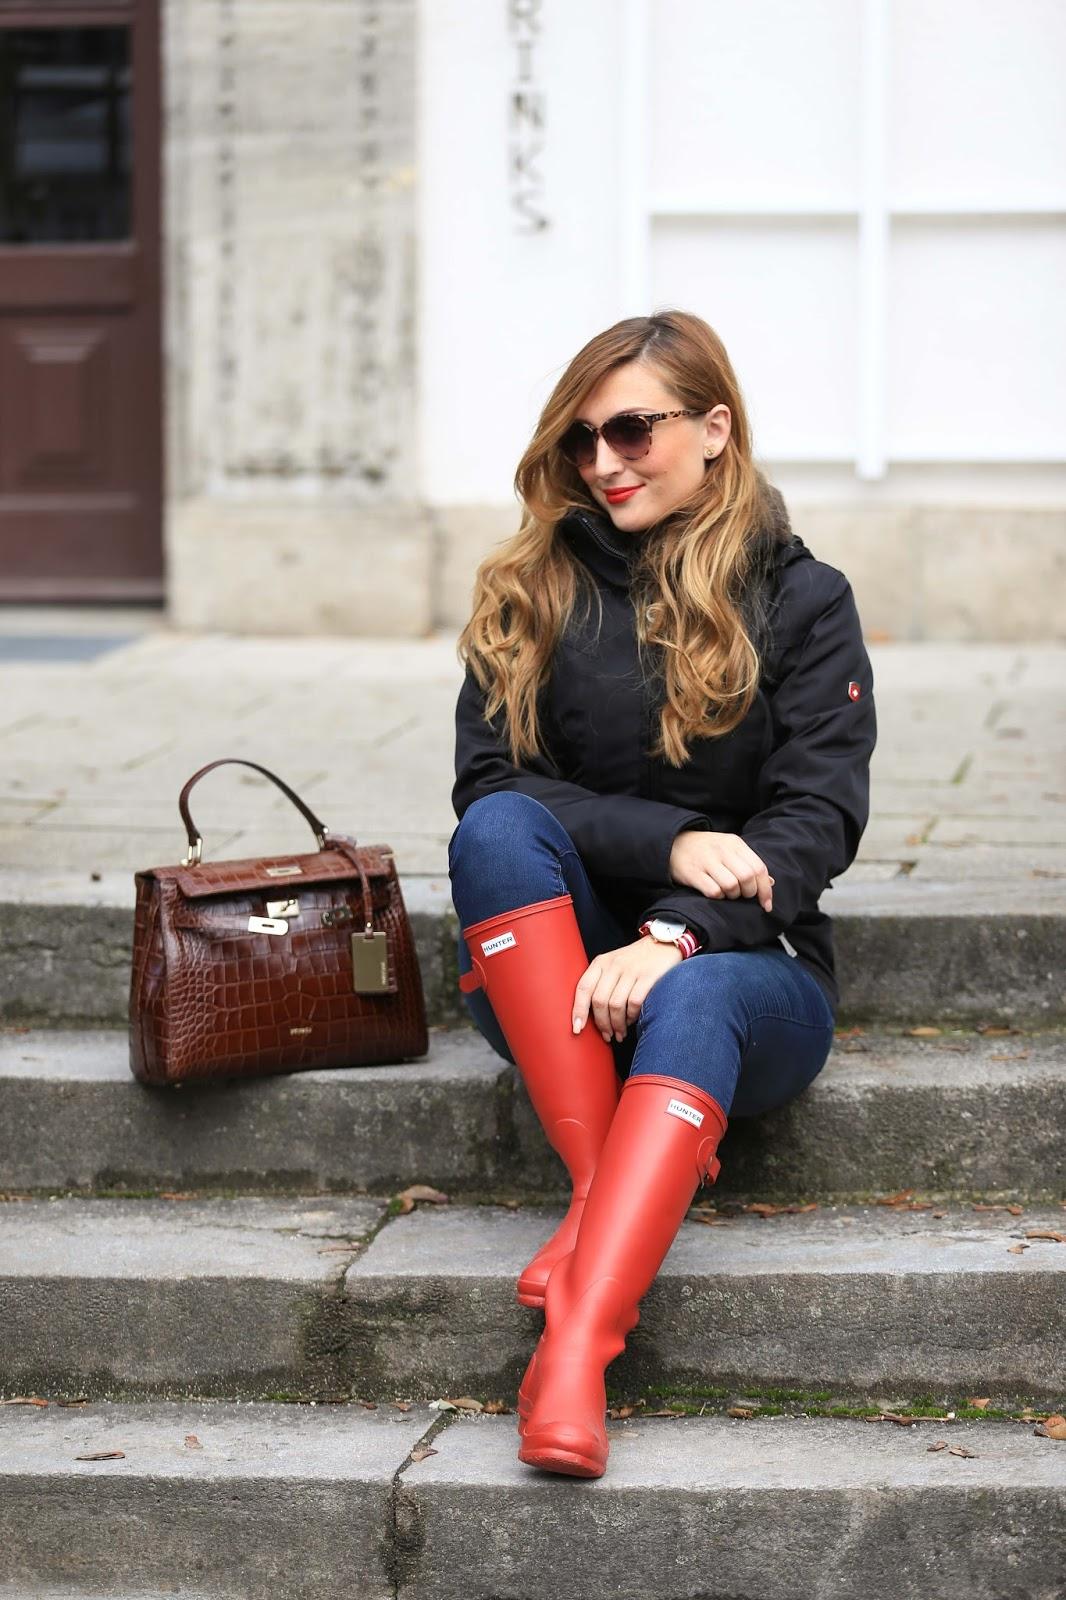 Lifestyleblogger-Wellenstynjacke-Winterjacke-schwarze-Jacke-kombinieren-wie-kann-man-rote-schuhe-kombinieren-Hunter